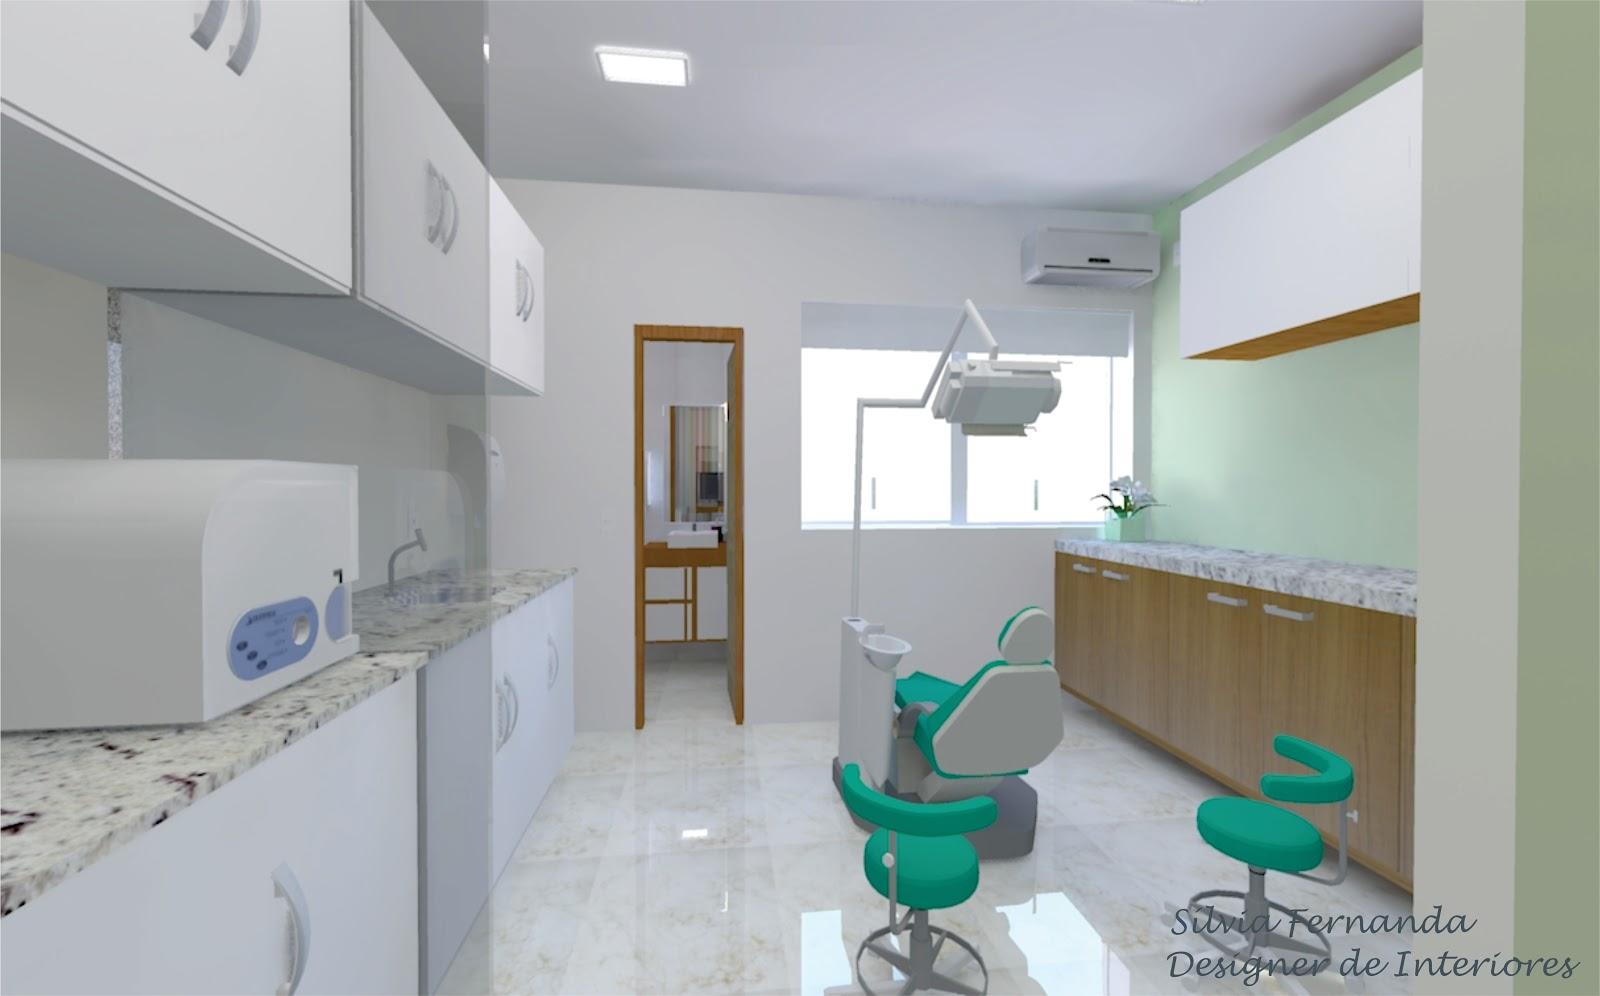 Criar Interiores : Banheiro azul e branco #167F6F 1600x996 Banheiro Azul Com Branco